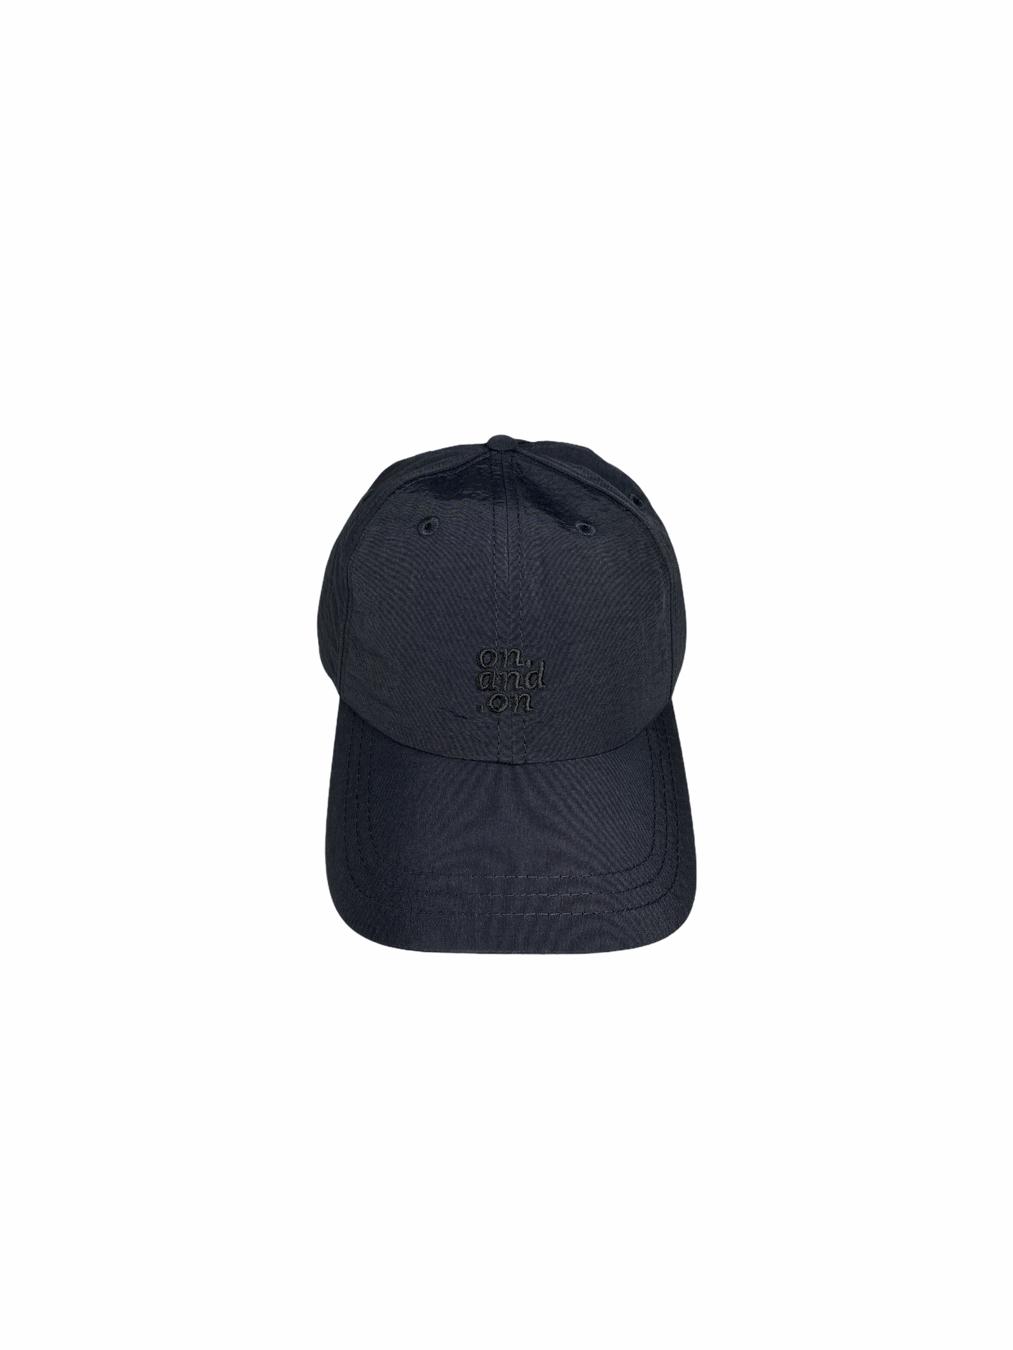 Leisure Cap (Black)